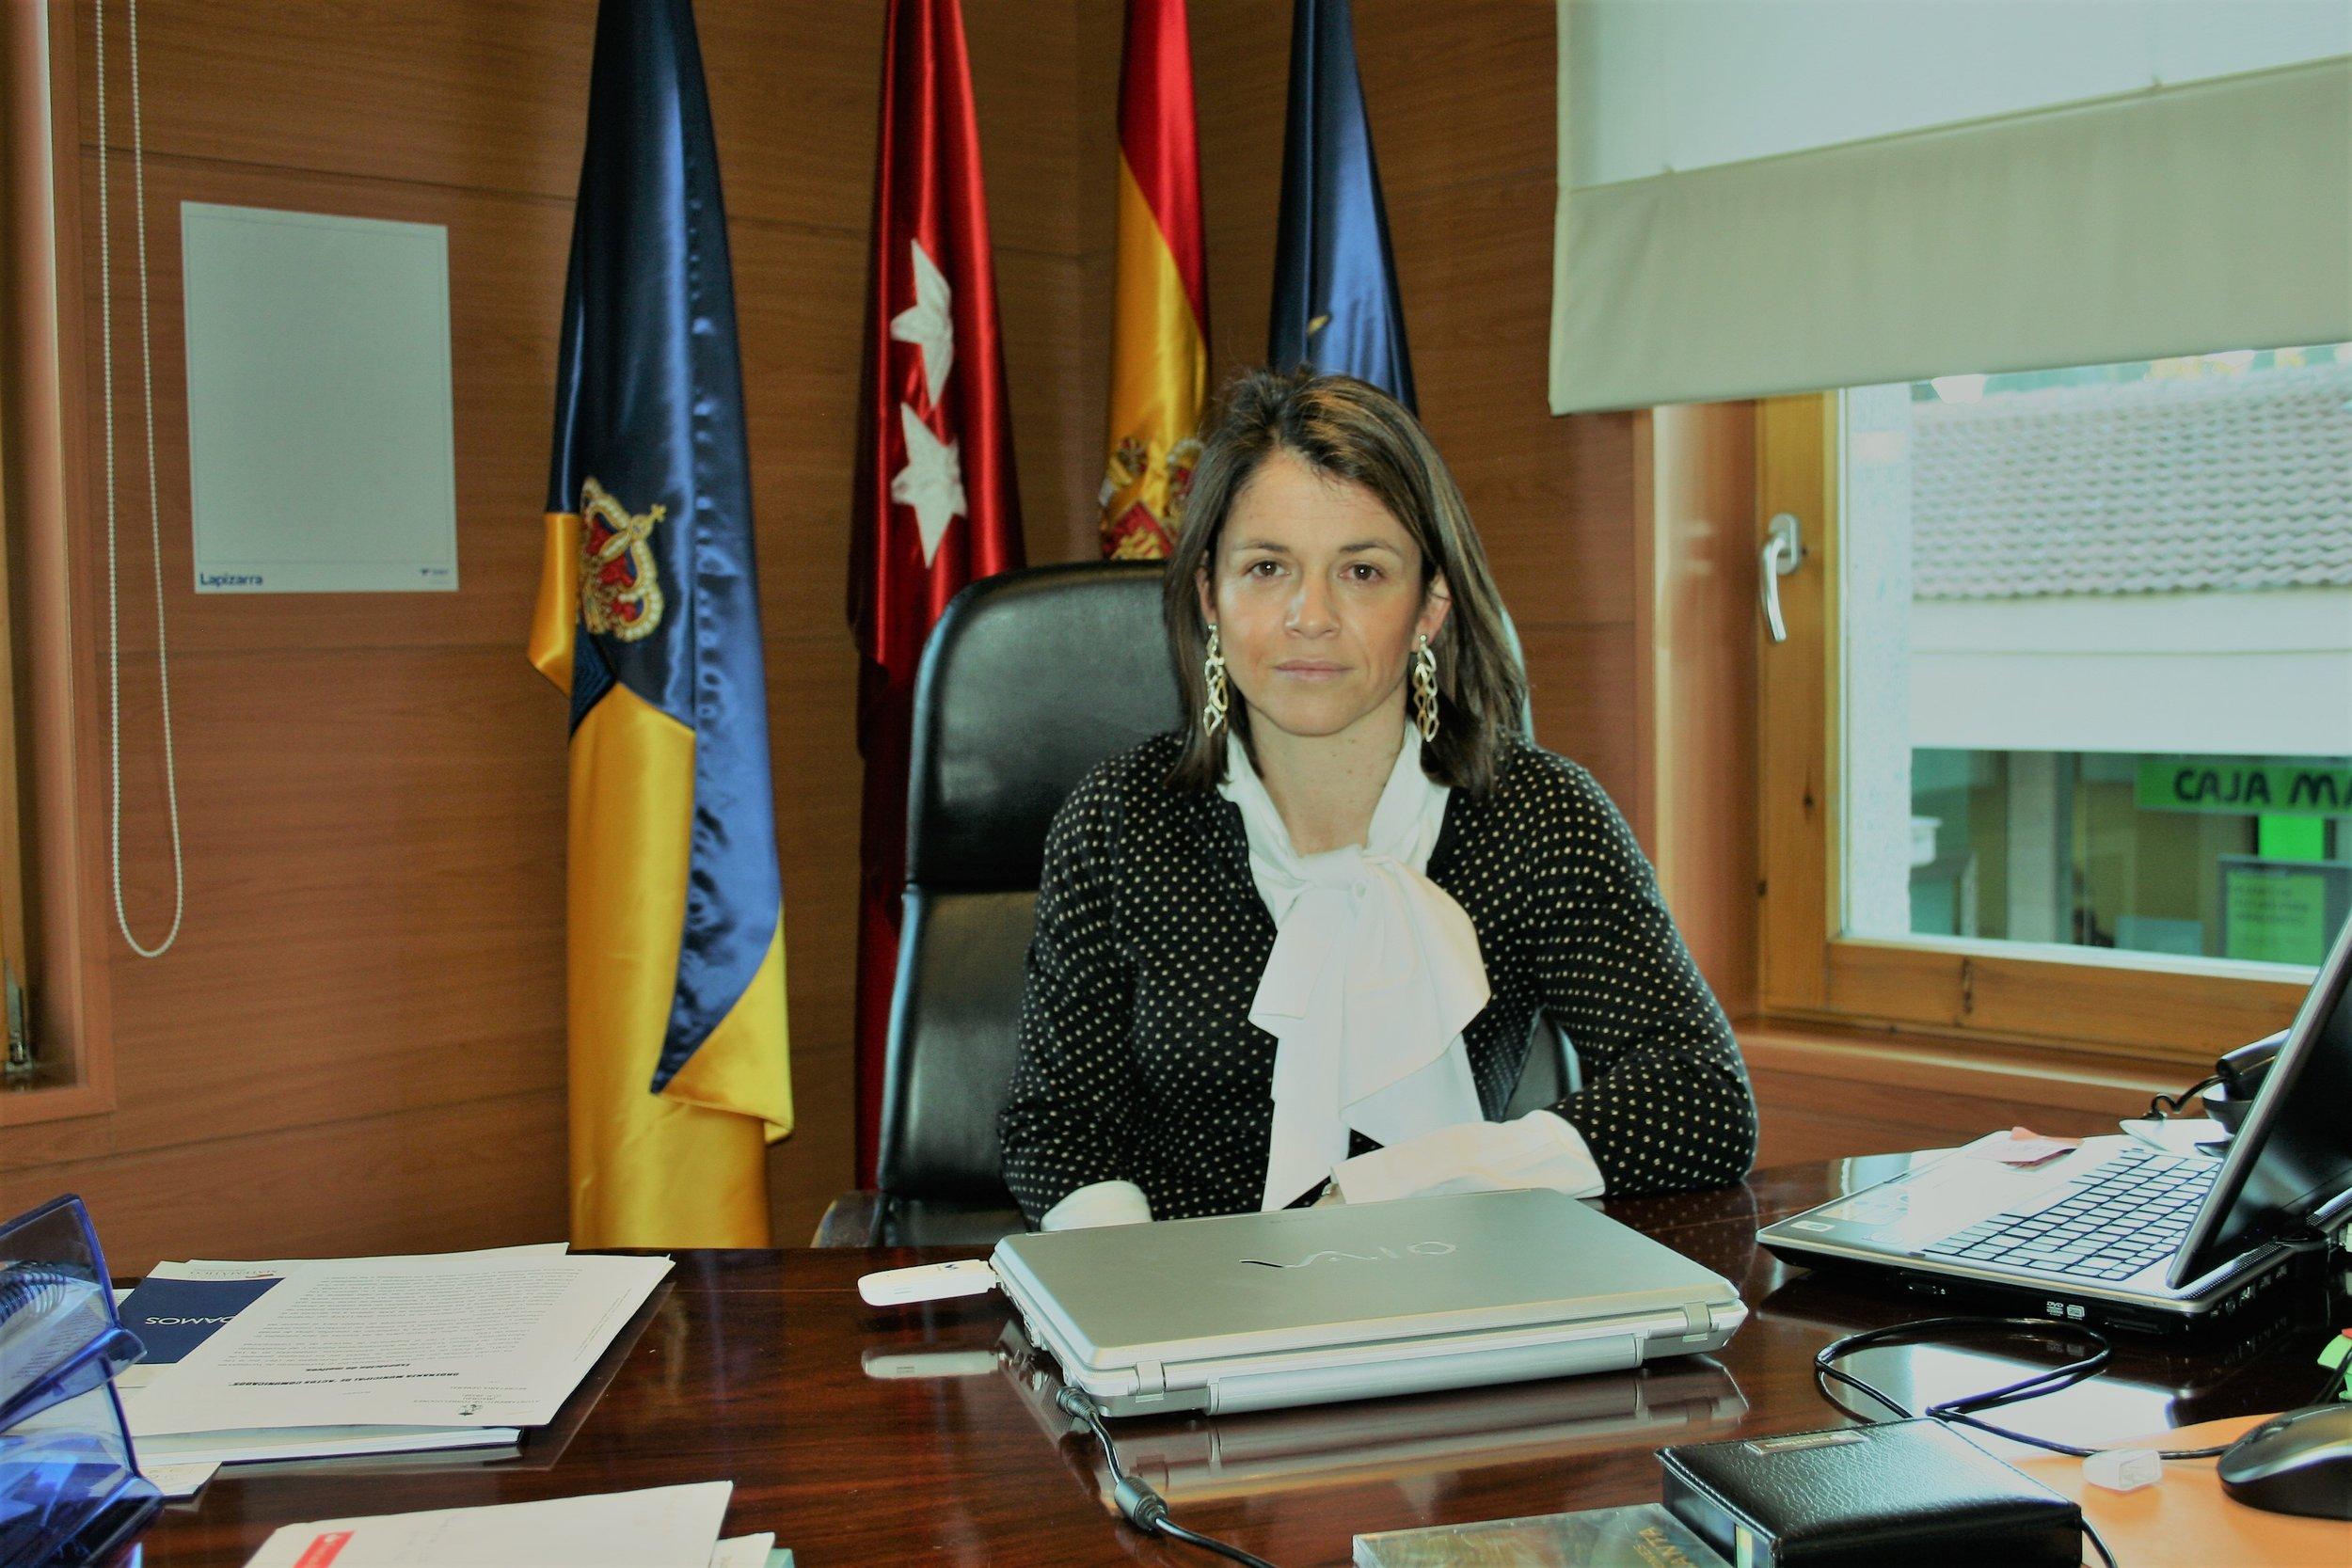 Torredolones- Alcaldesa - Elena Biurrun.jpg